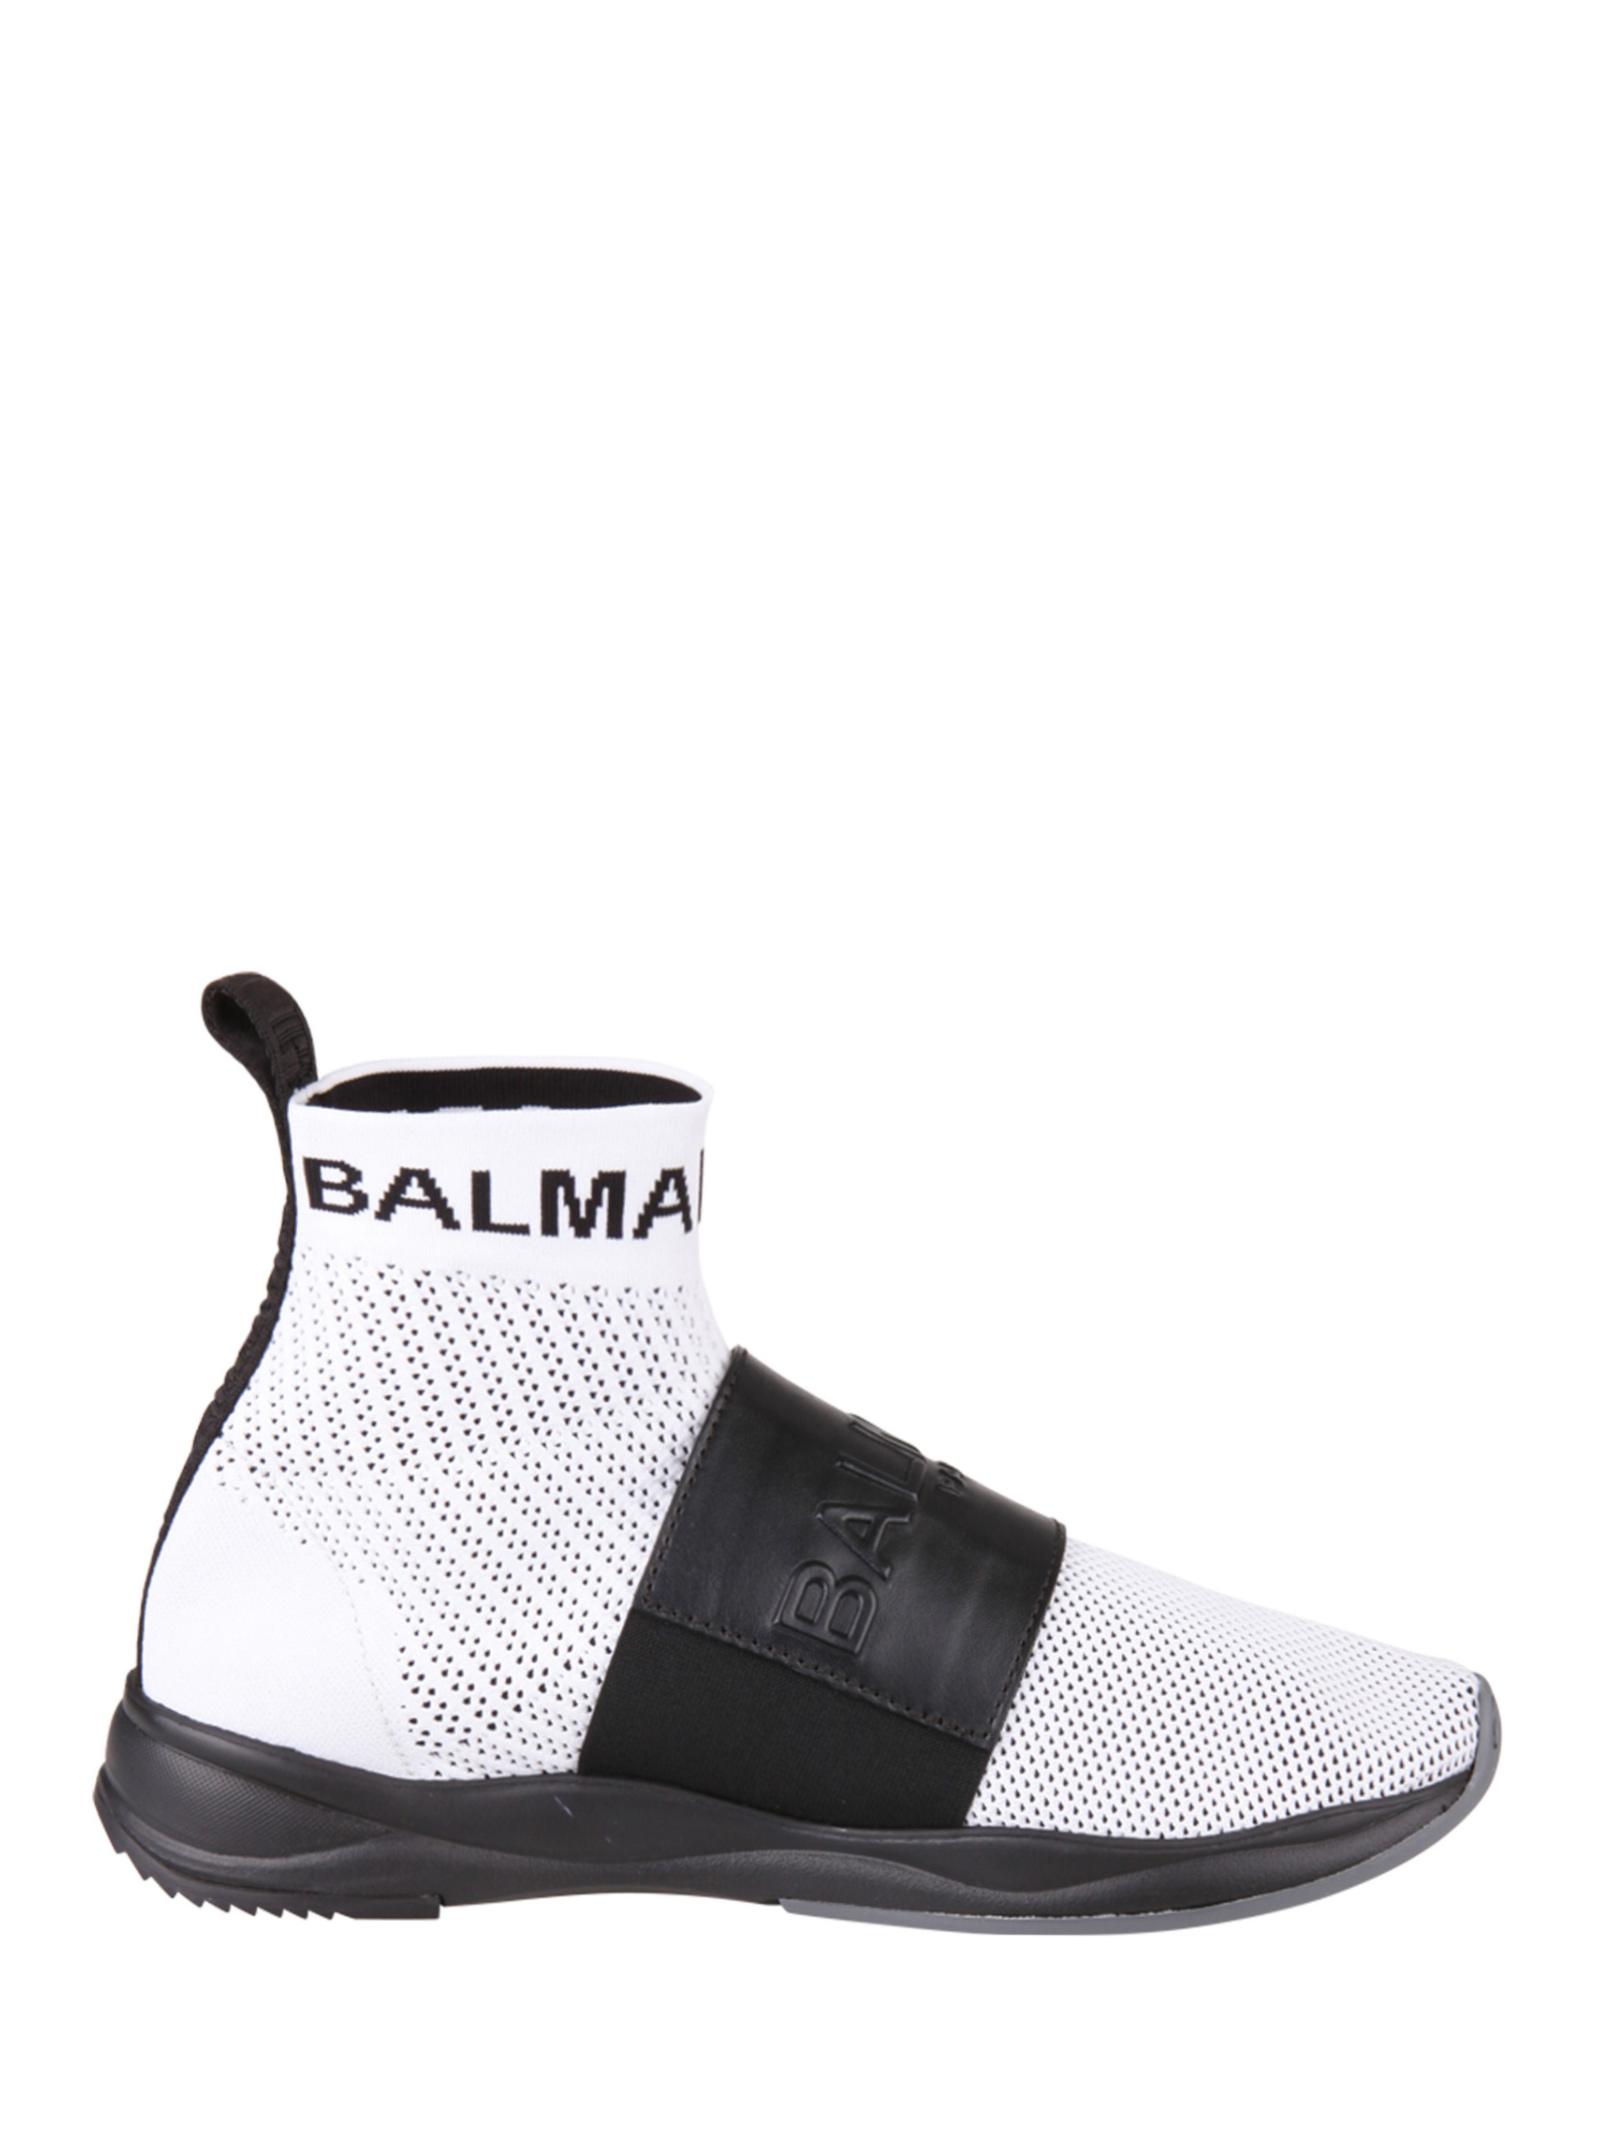 6637491080e Balmain Paris sneakers - BALMAIN PARIS - Michele Franzese Moda